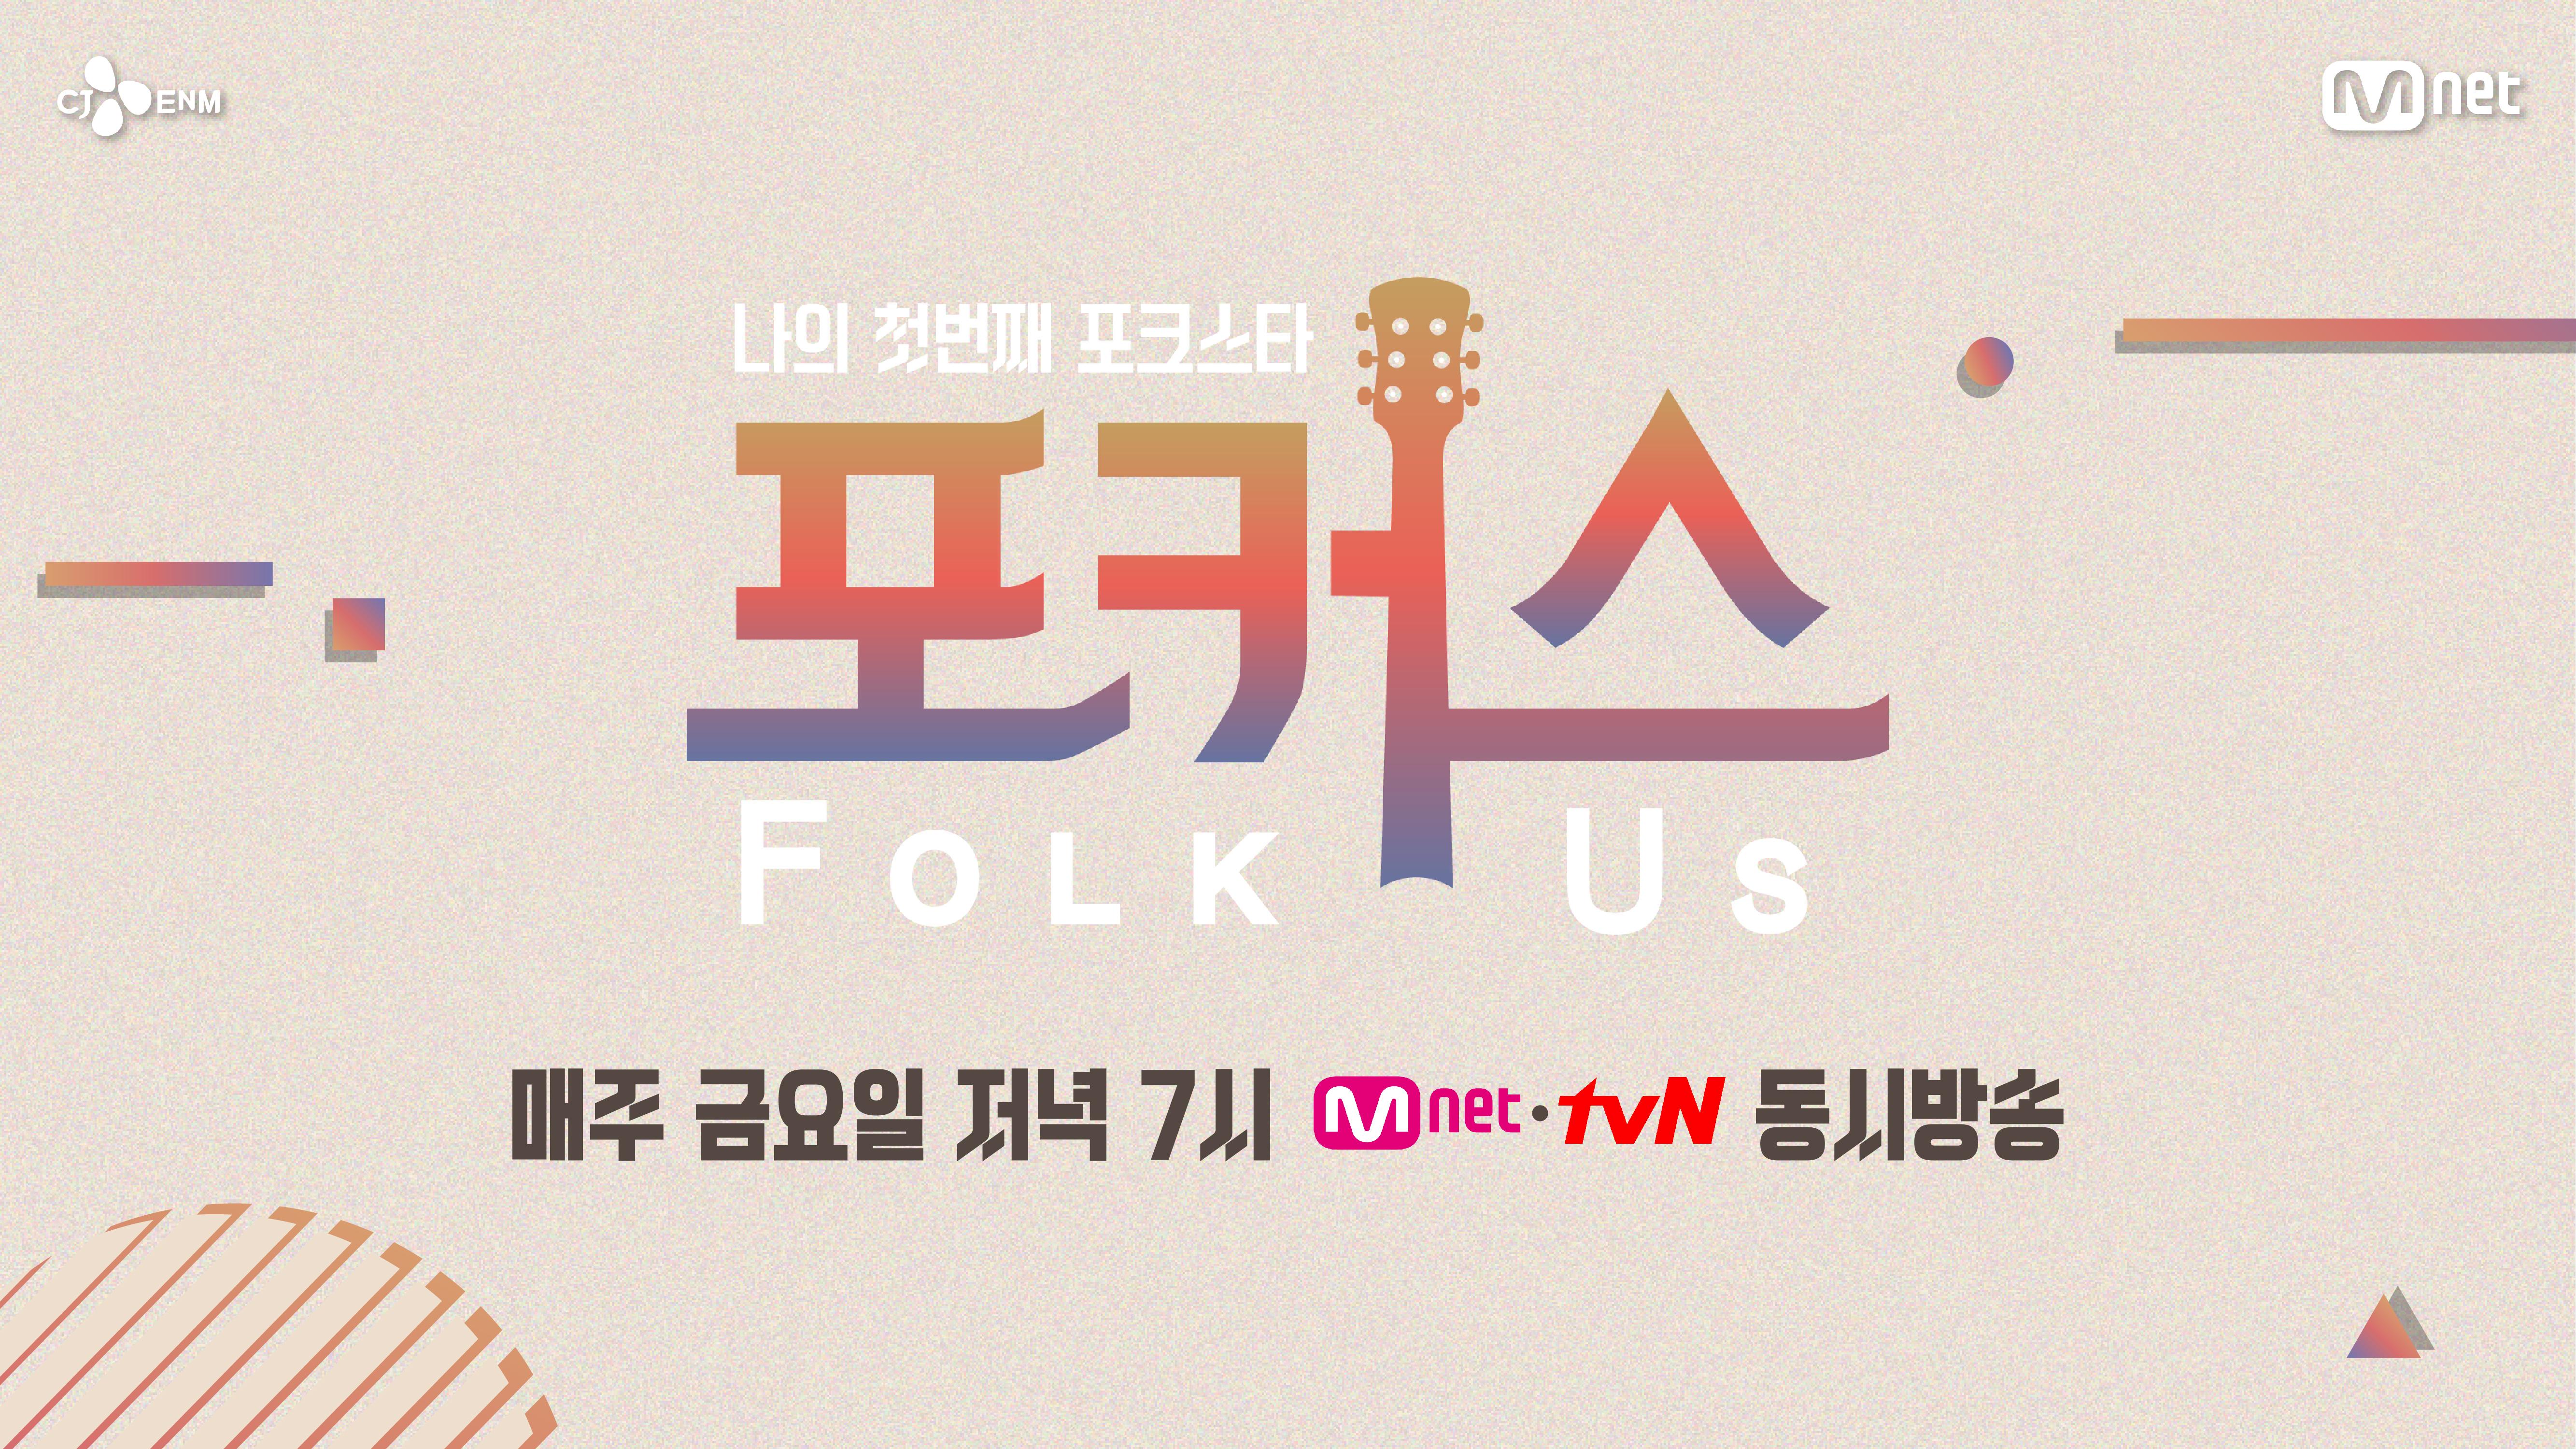 포커스 (Folk Us)